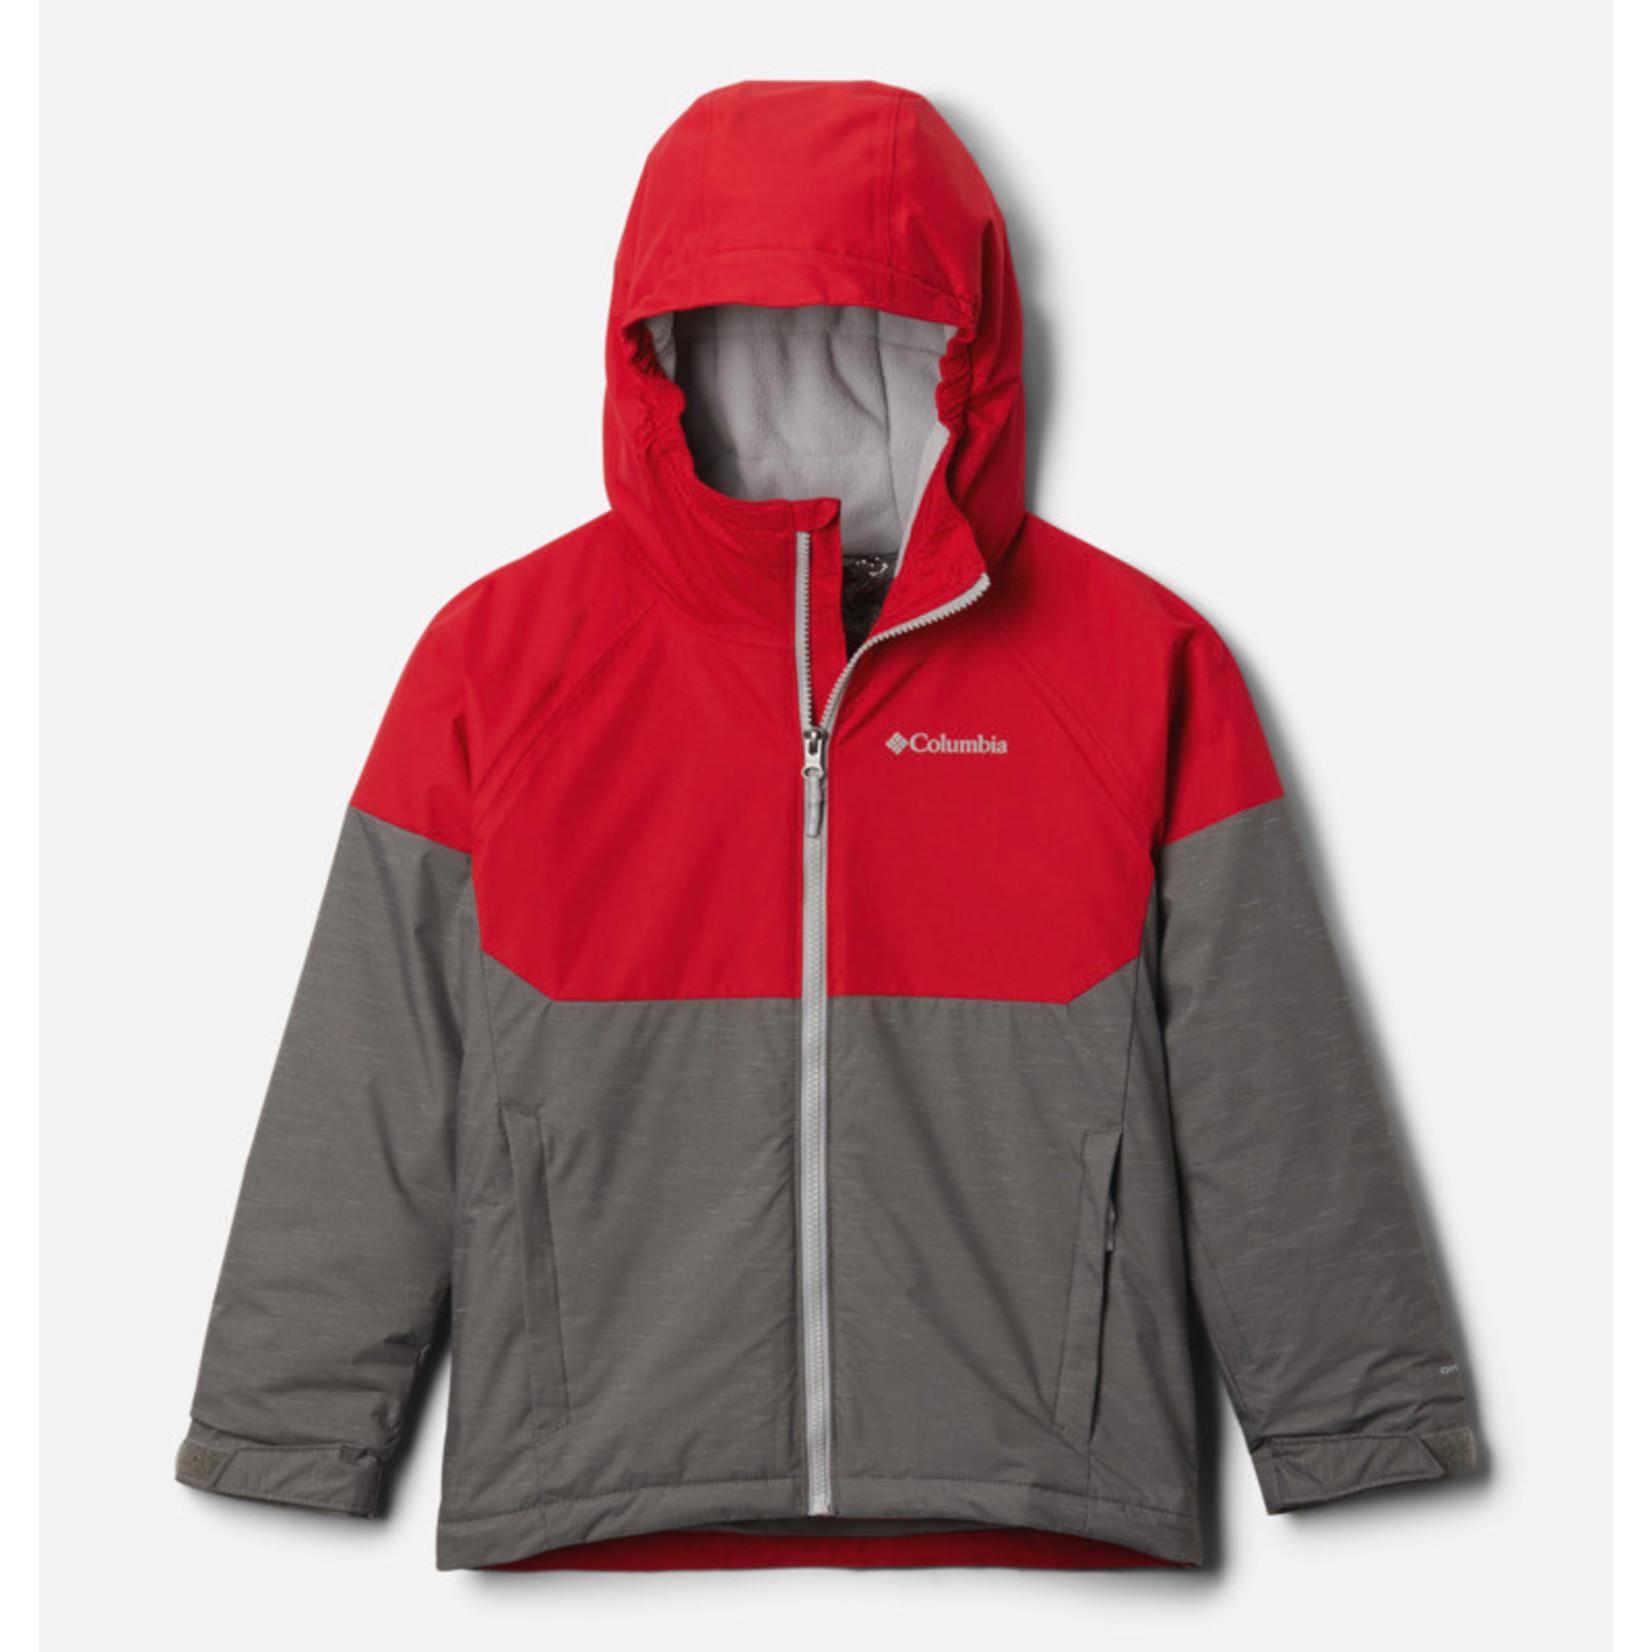 Columbia Columbia Winter Jacket, Alpine Action II, Boys